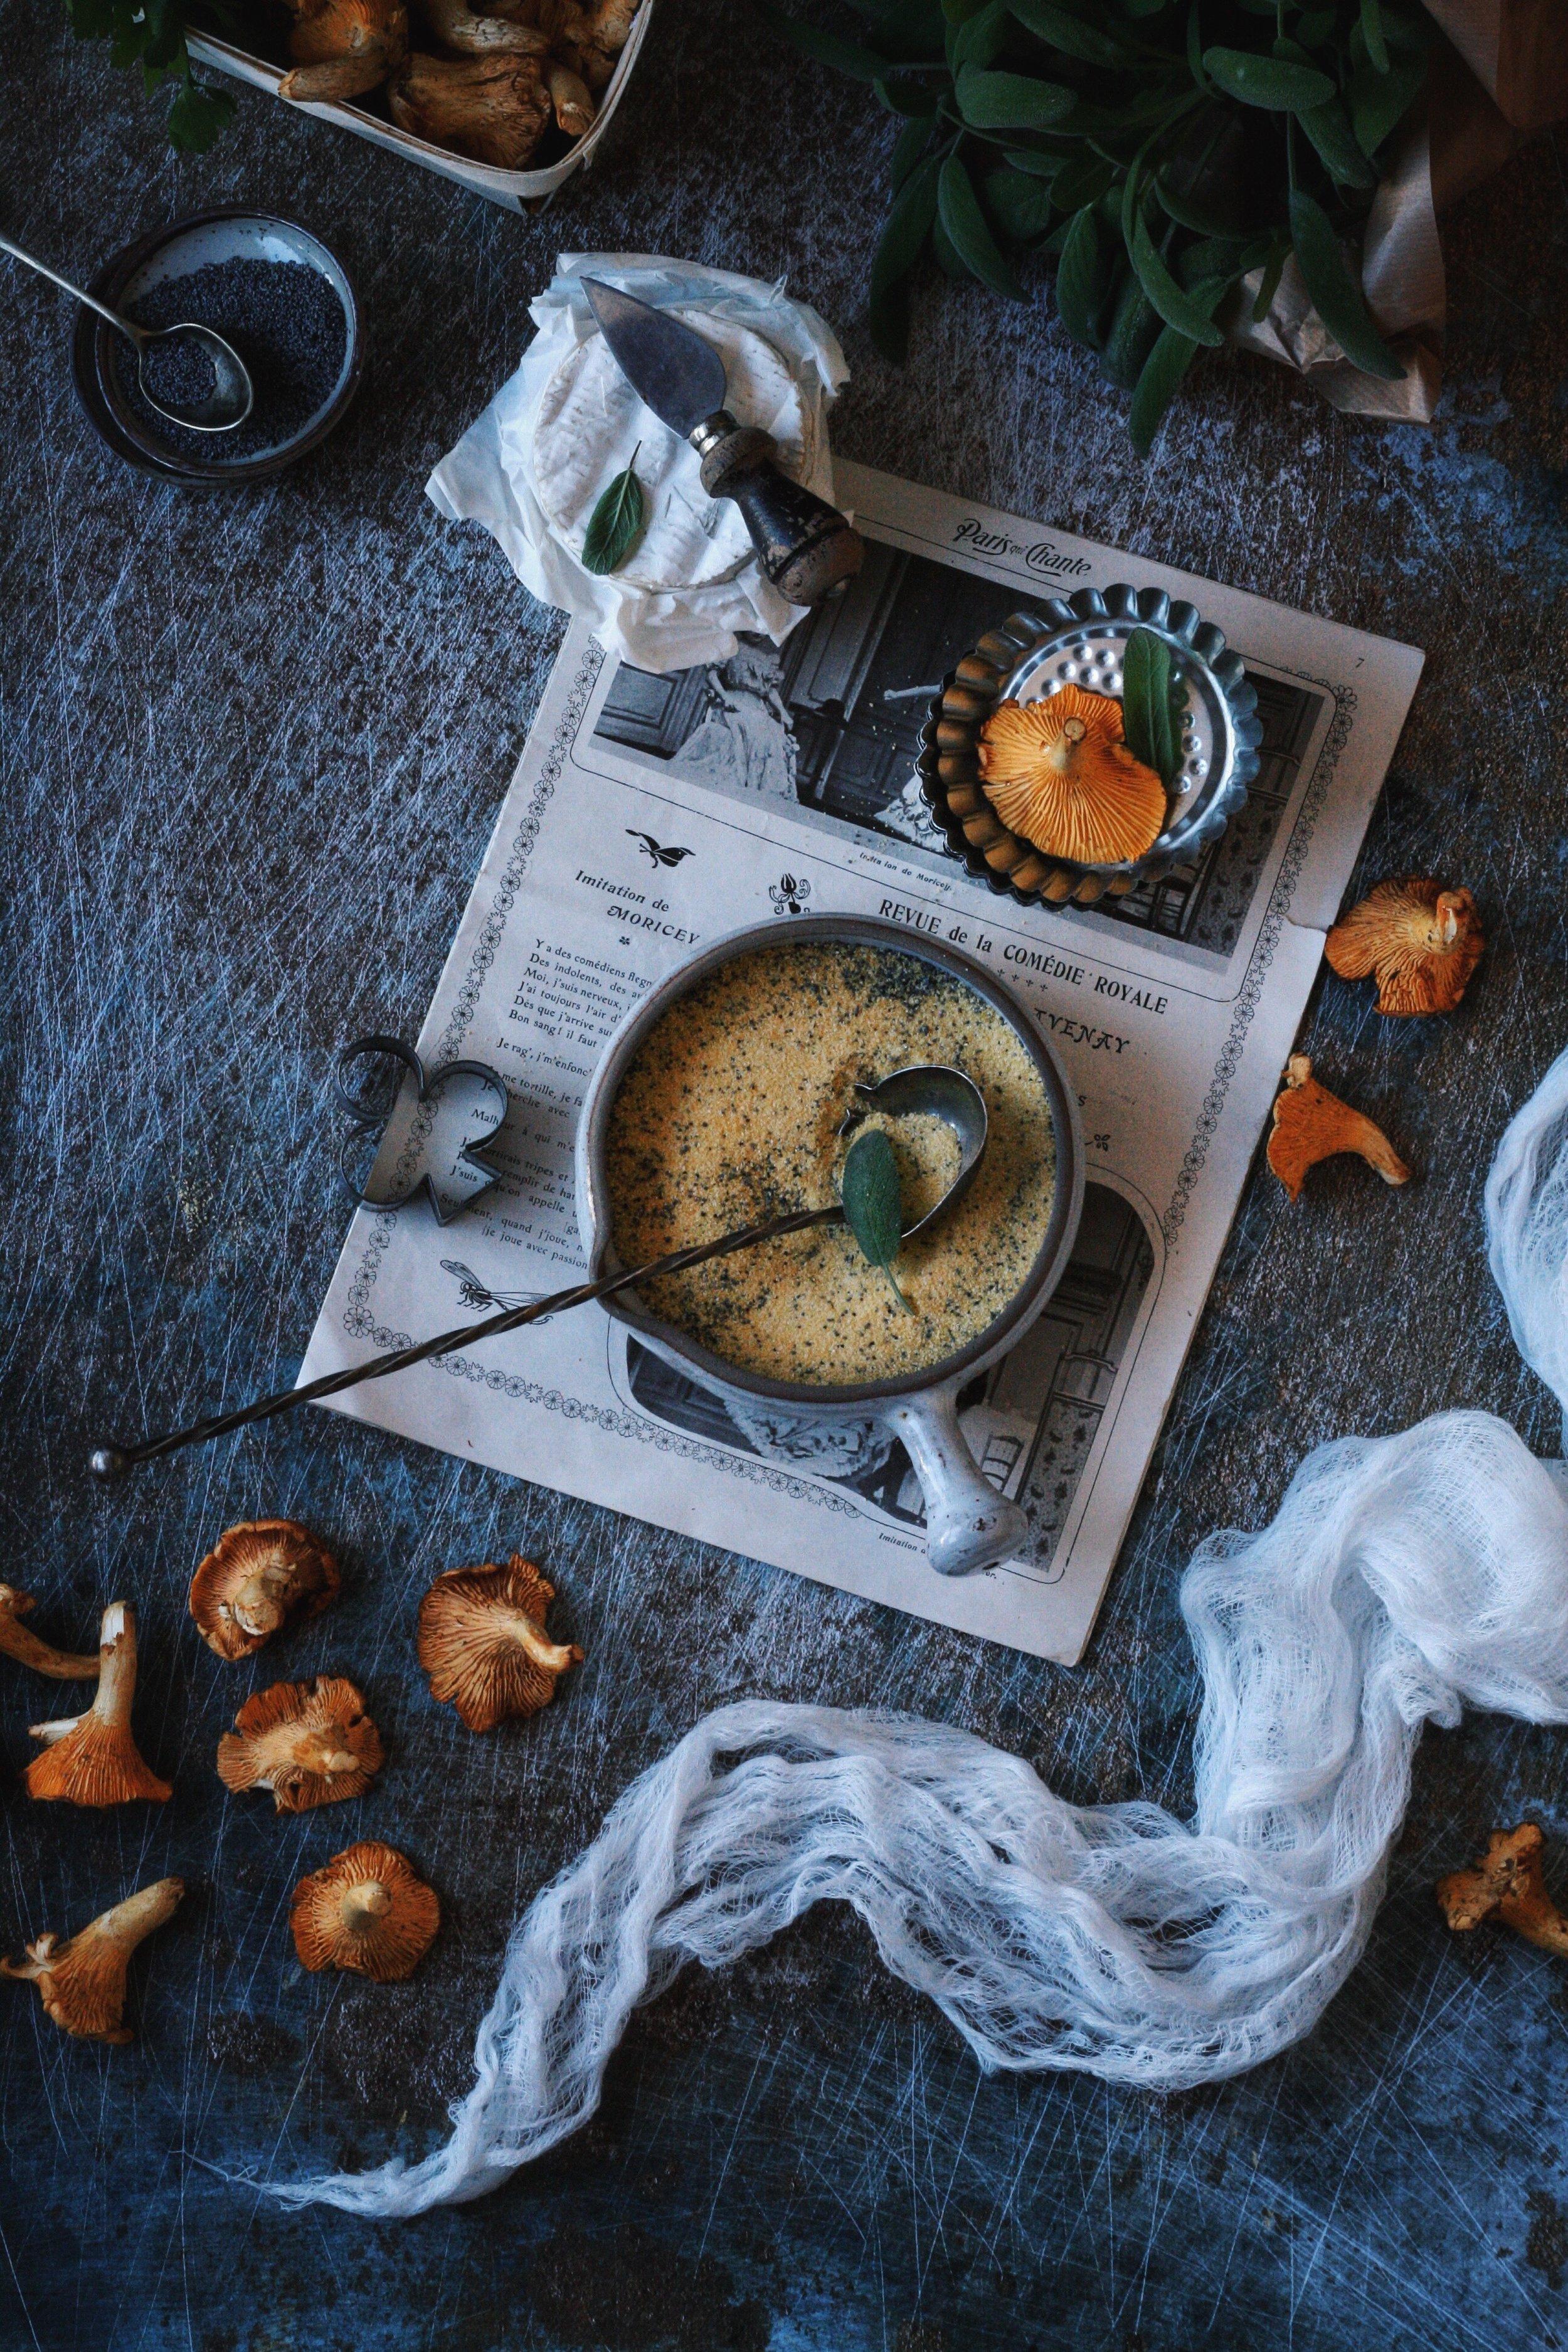 Sviluppo ricette per magazine e blog - Mi piace collaborare con riviste e marchi di prodotti gastronomici che desiderano sviluppare idee creative legate al mondo del food. Se stai cercando una mente creativa per realizzare il tuo progetto di ricette, contattami via email a goodlifeoclock@hotmail.com .